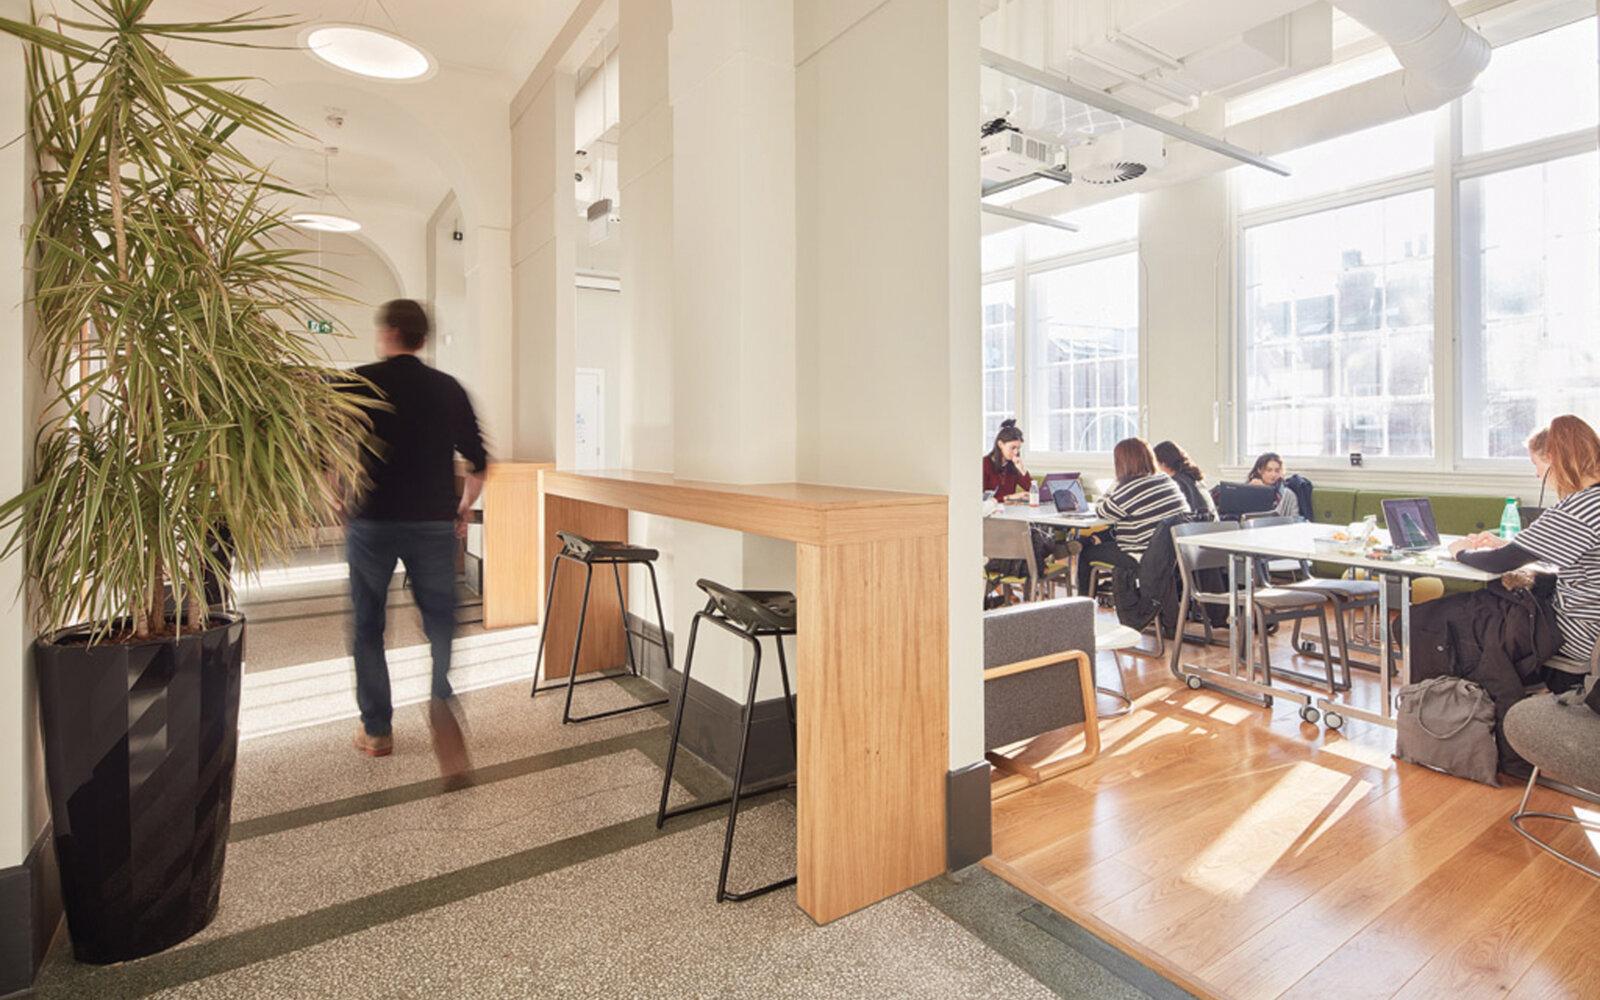 School of Fine Art University of Leeds interior